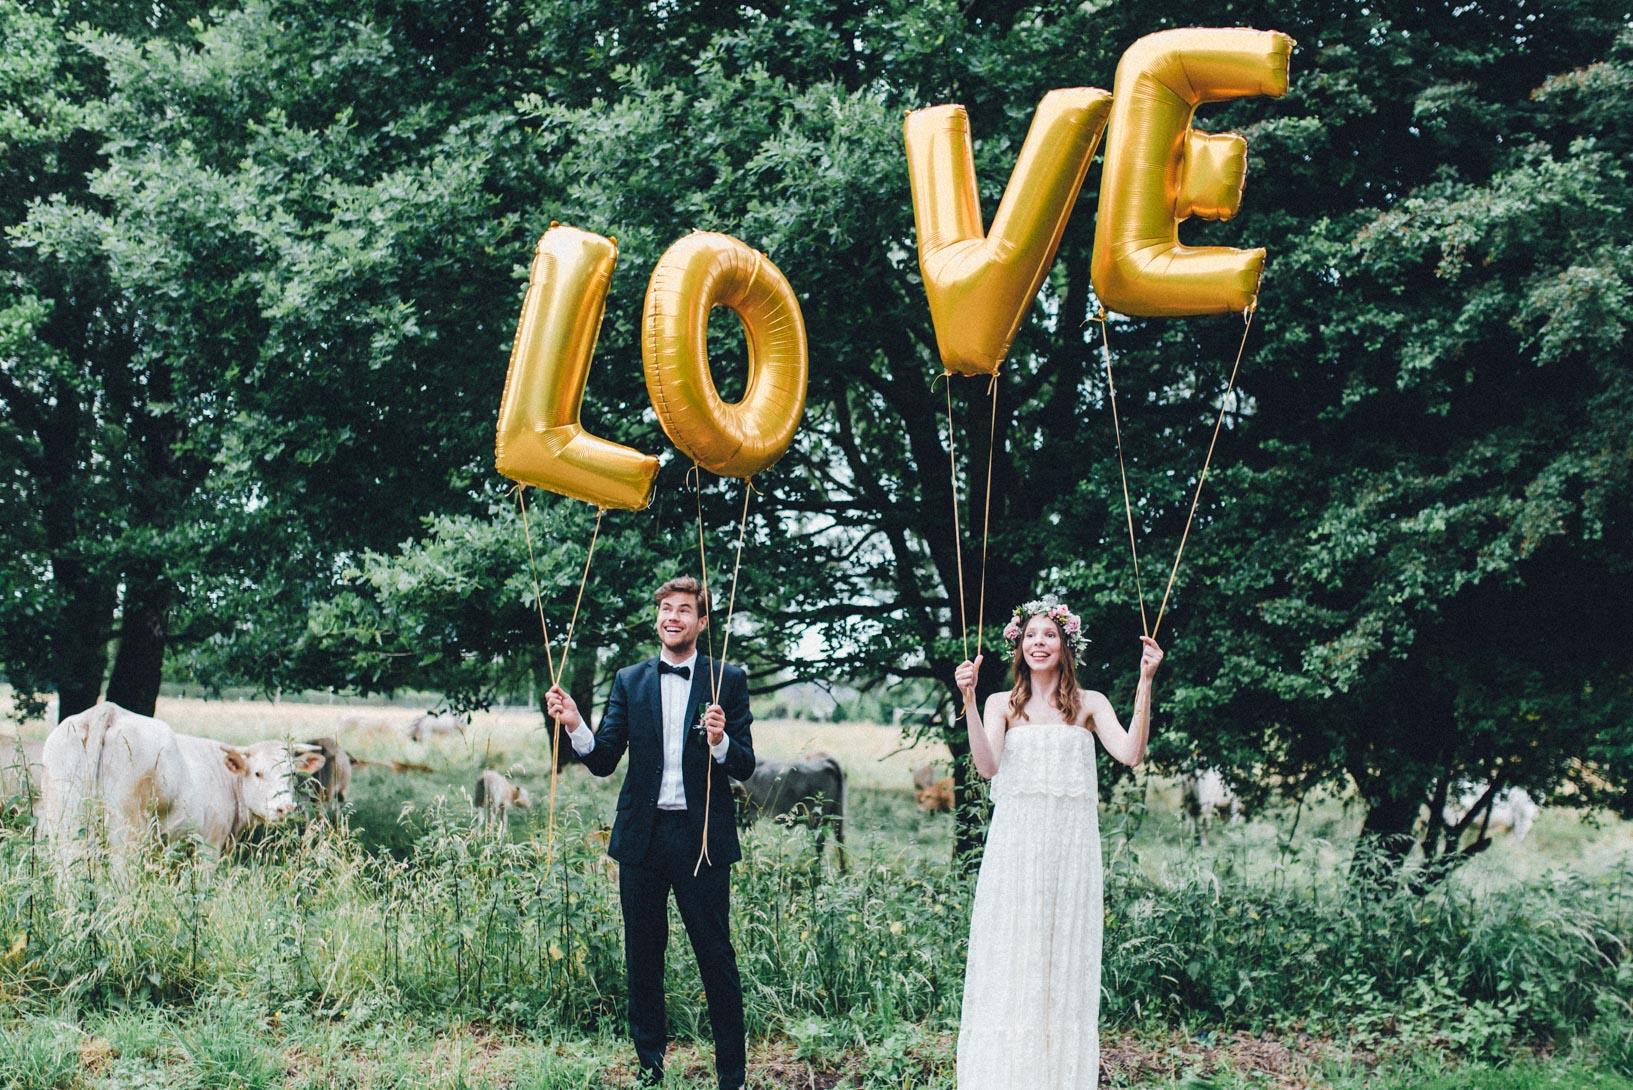 DIY-Hochzeit-gold-VW-Bully-110 Janet & Pierre DIY Midsummer-Wedding in Gold mit VW BulliDIY Hochzeit gold VW Bully 110